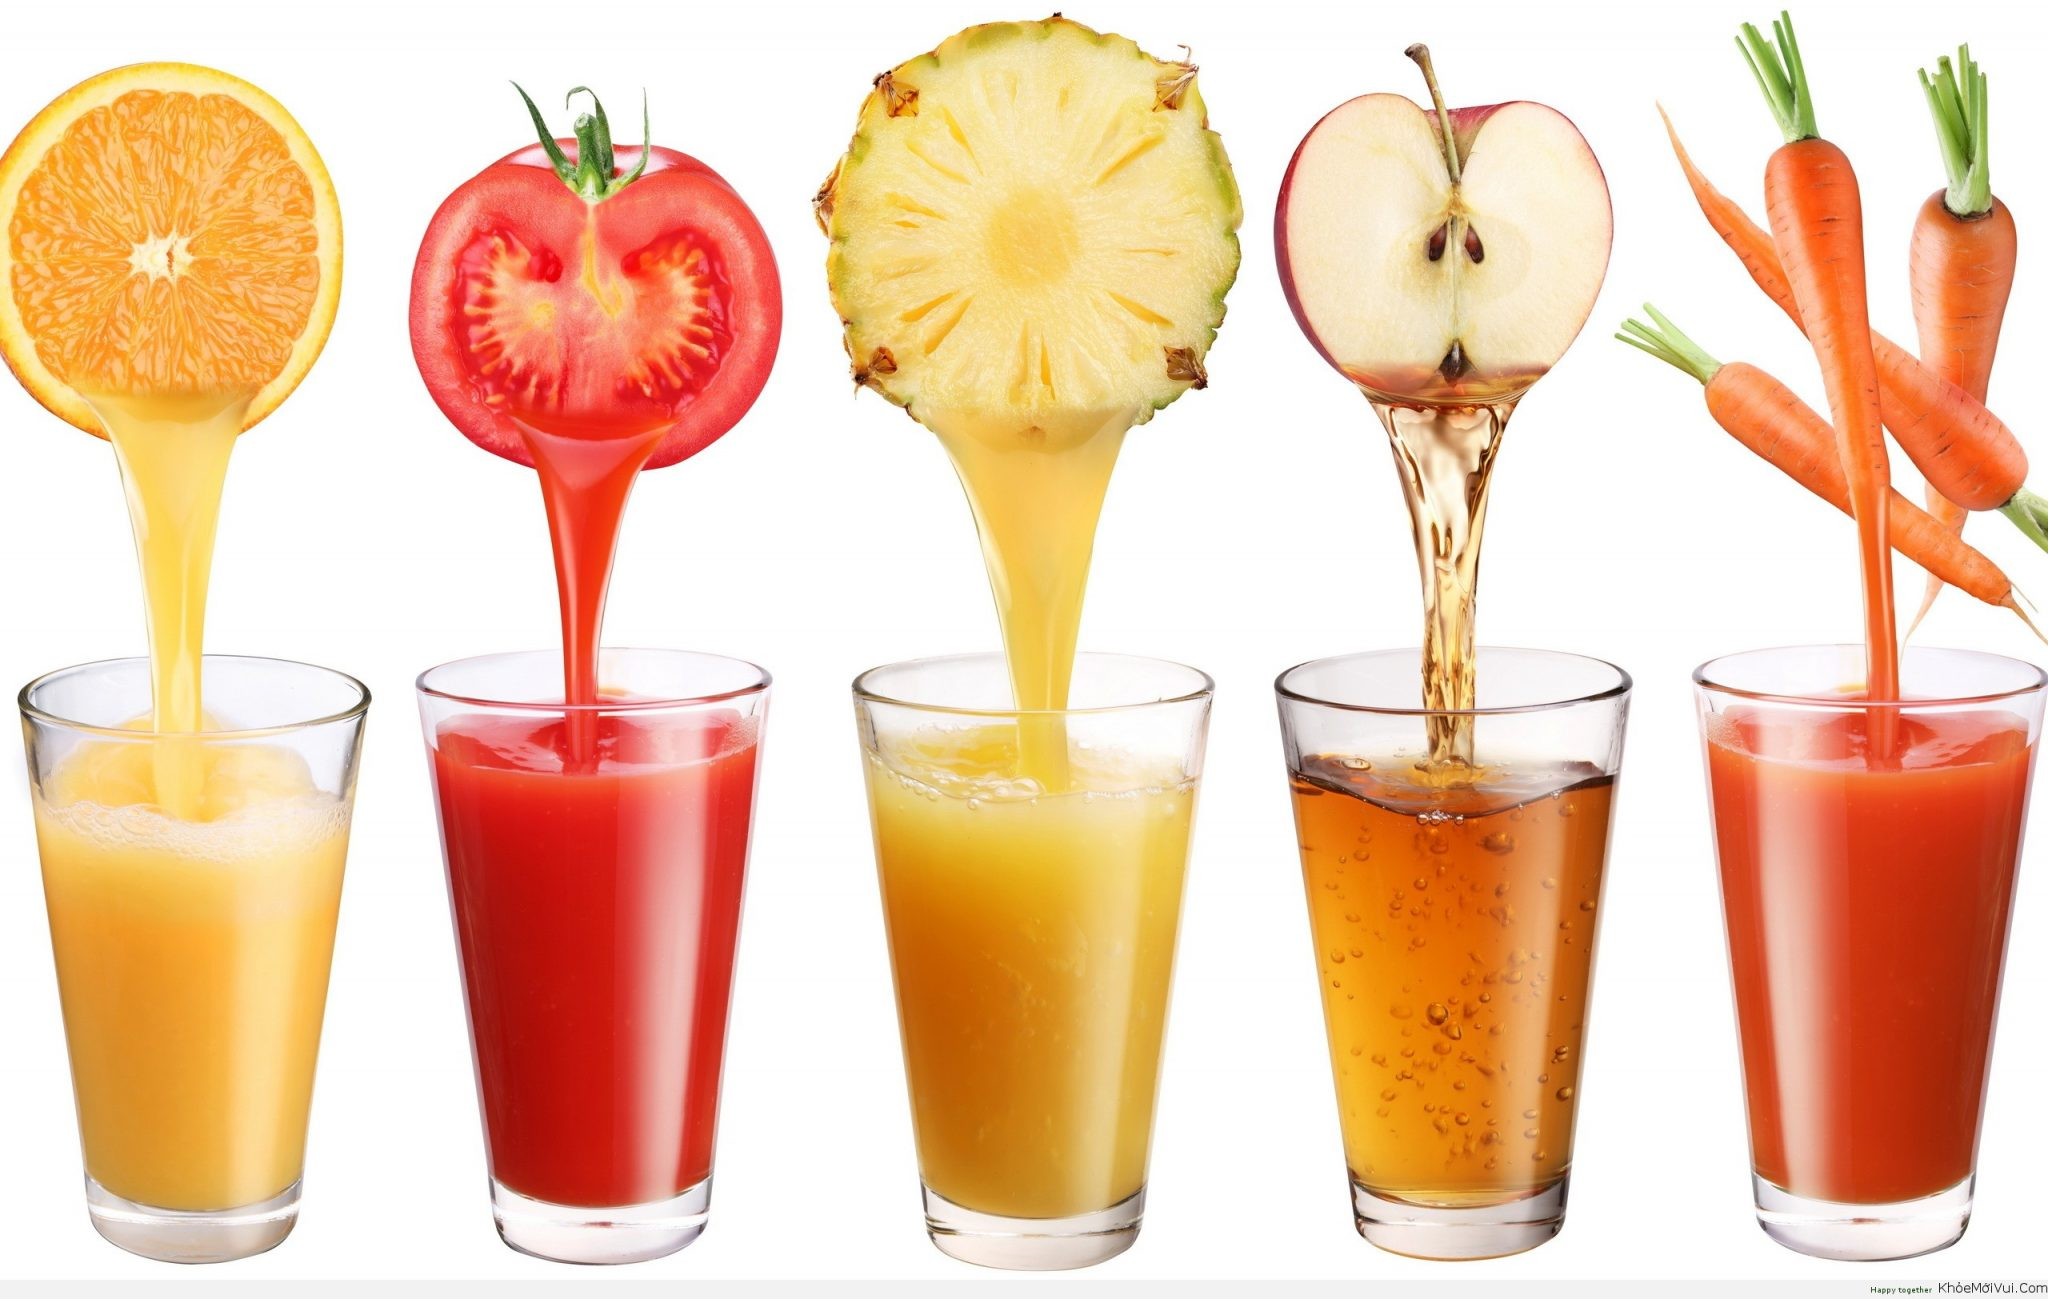 uống các loại nước ép hoa quả là cách chữa trị buồn nôn